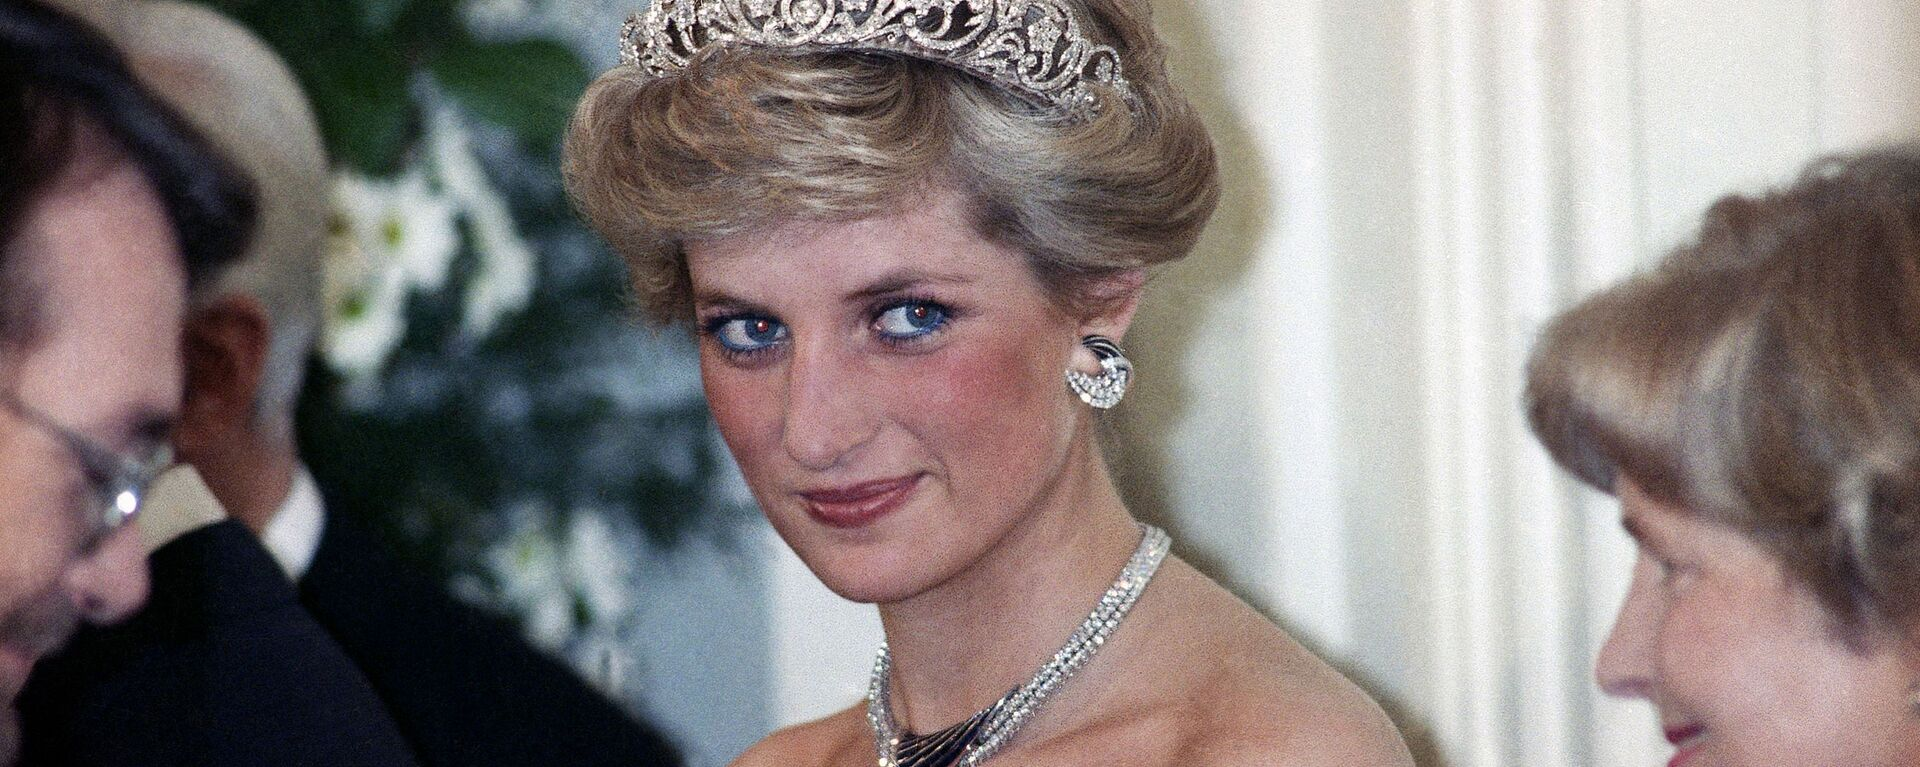 Princezna Diana - Sputnik Česká republika, 1920, 27.06.2021